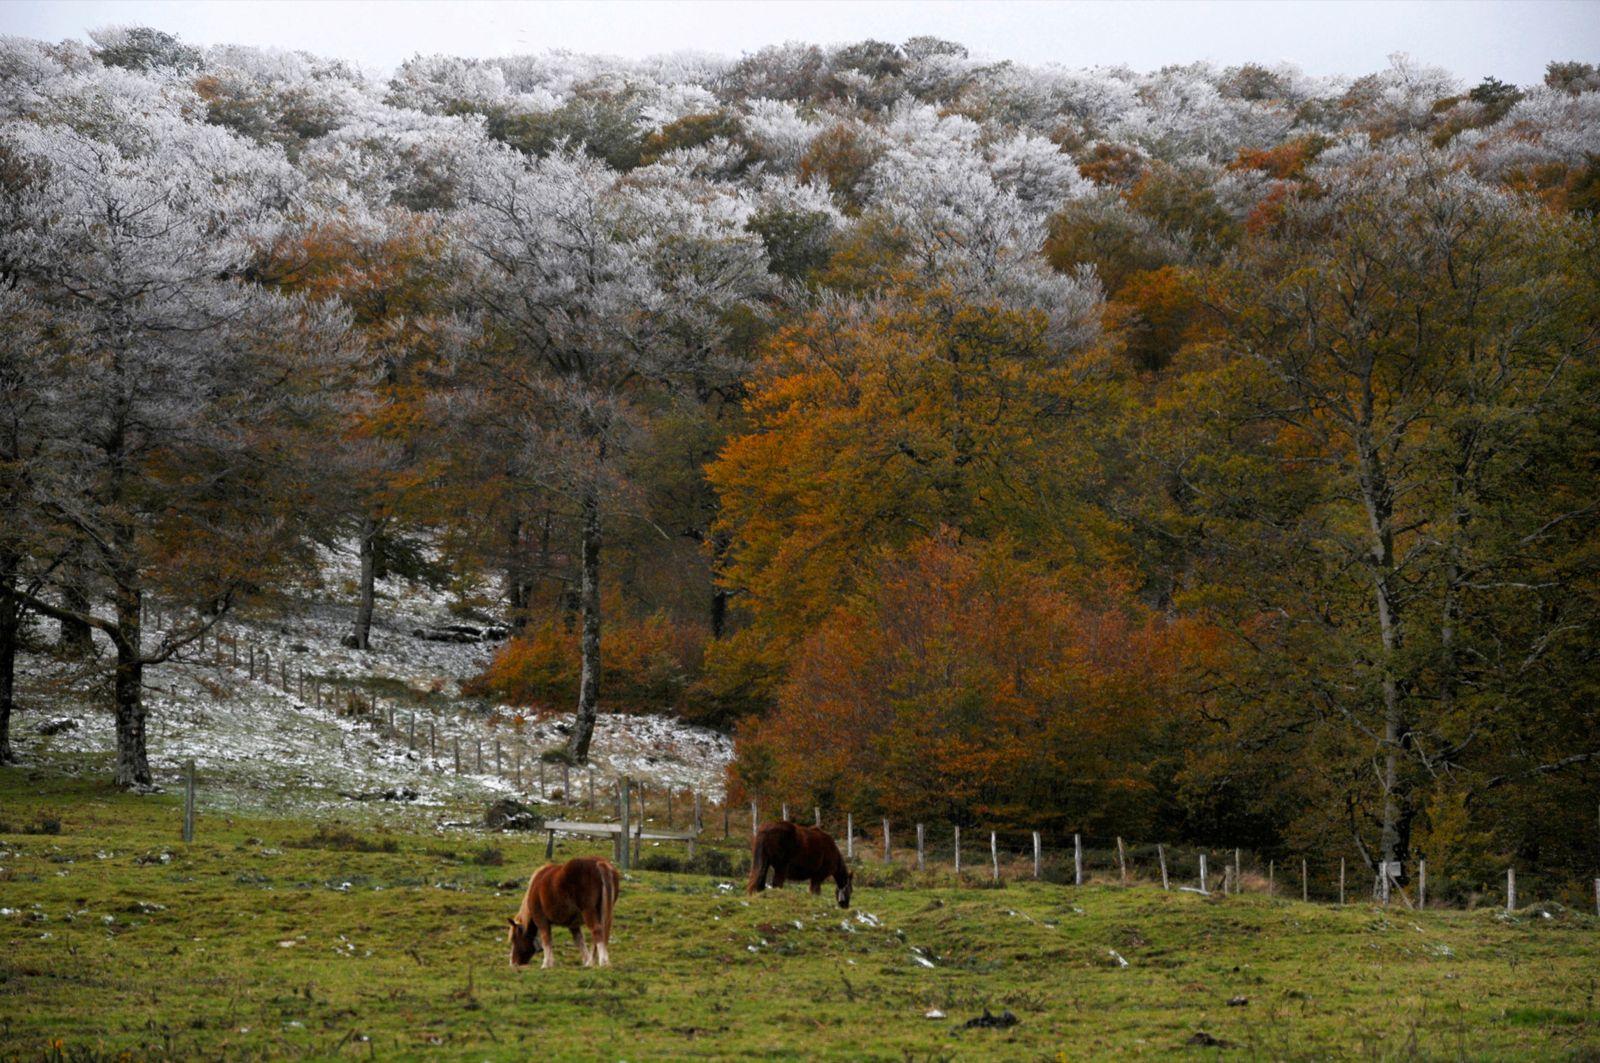 caballos en la selva de Irati por Joan